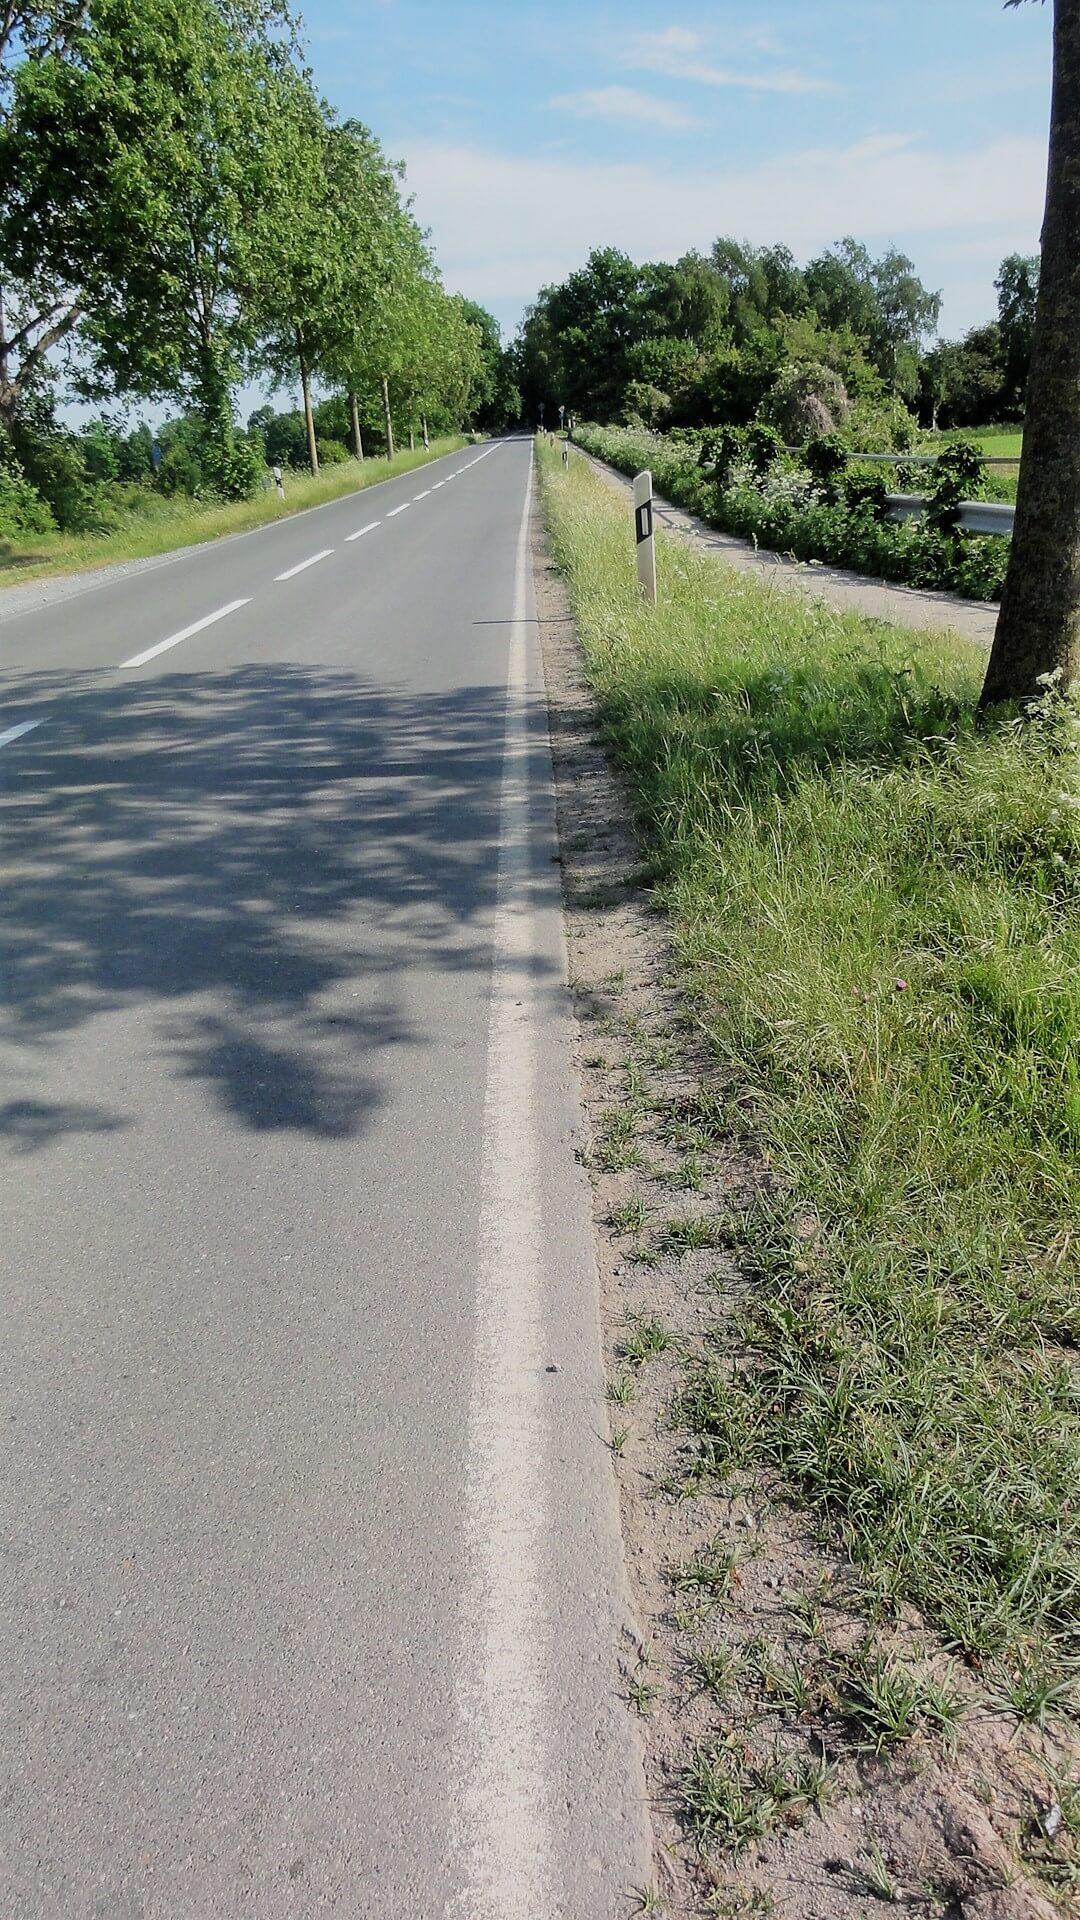 Windpark Bremen Hemelingen - Planung Kabeltrasse/ Wegetrassen (Projekt: 5533)